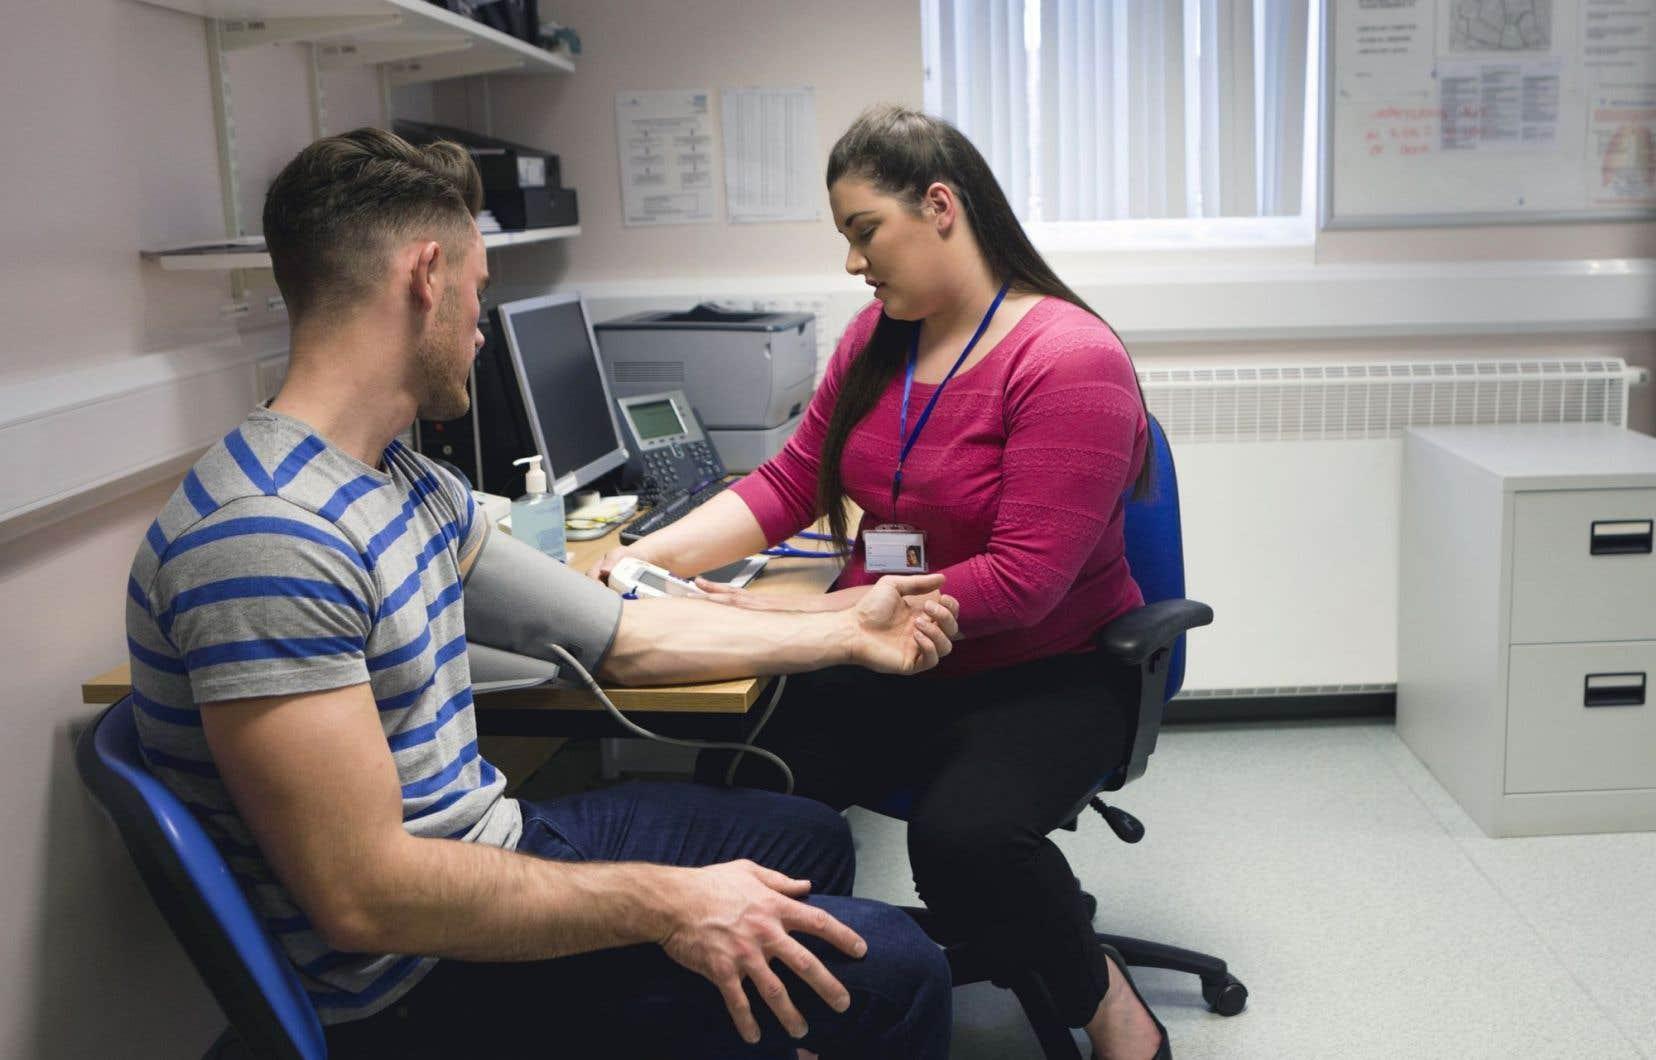 Ces pratiques à l'embauche,pourtant considérées comme discriminatoires, ont été constatées dans toutes les régions du Québec et pour toutes les spécialités médicales.